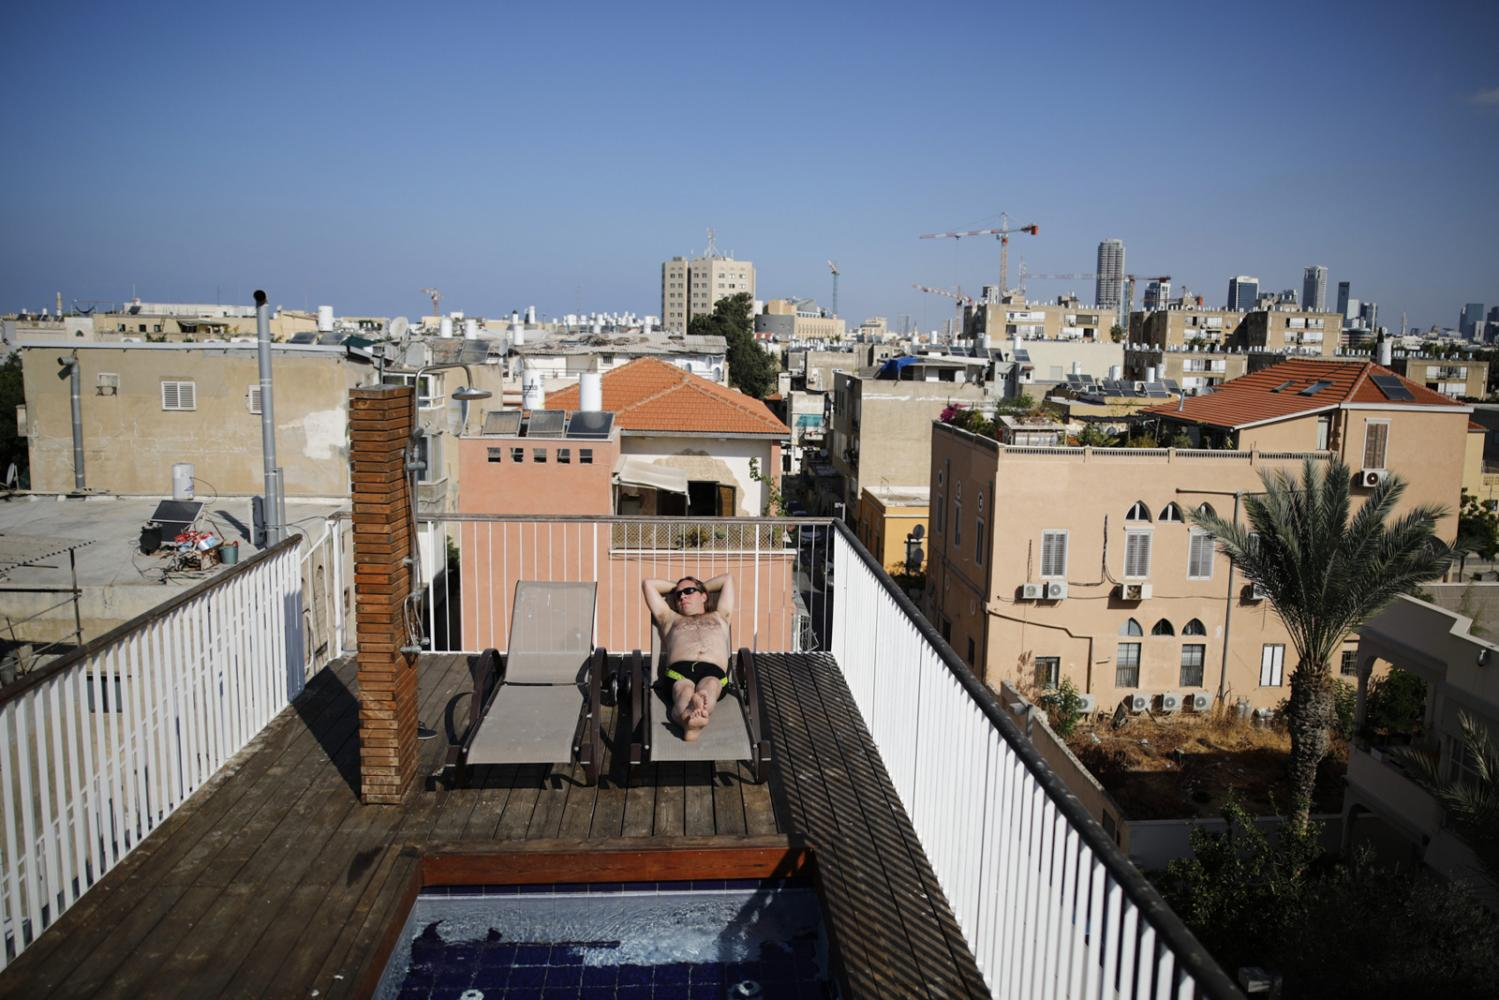 Photography image - Loading af62e2cad208bca2-CK_rooftops_03(1).jpg